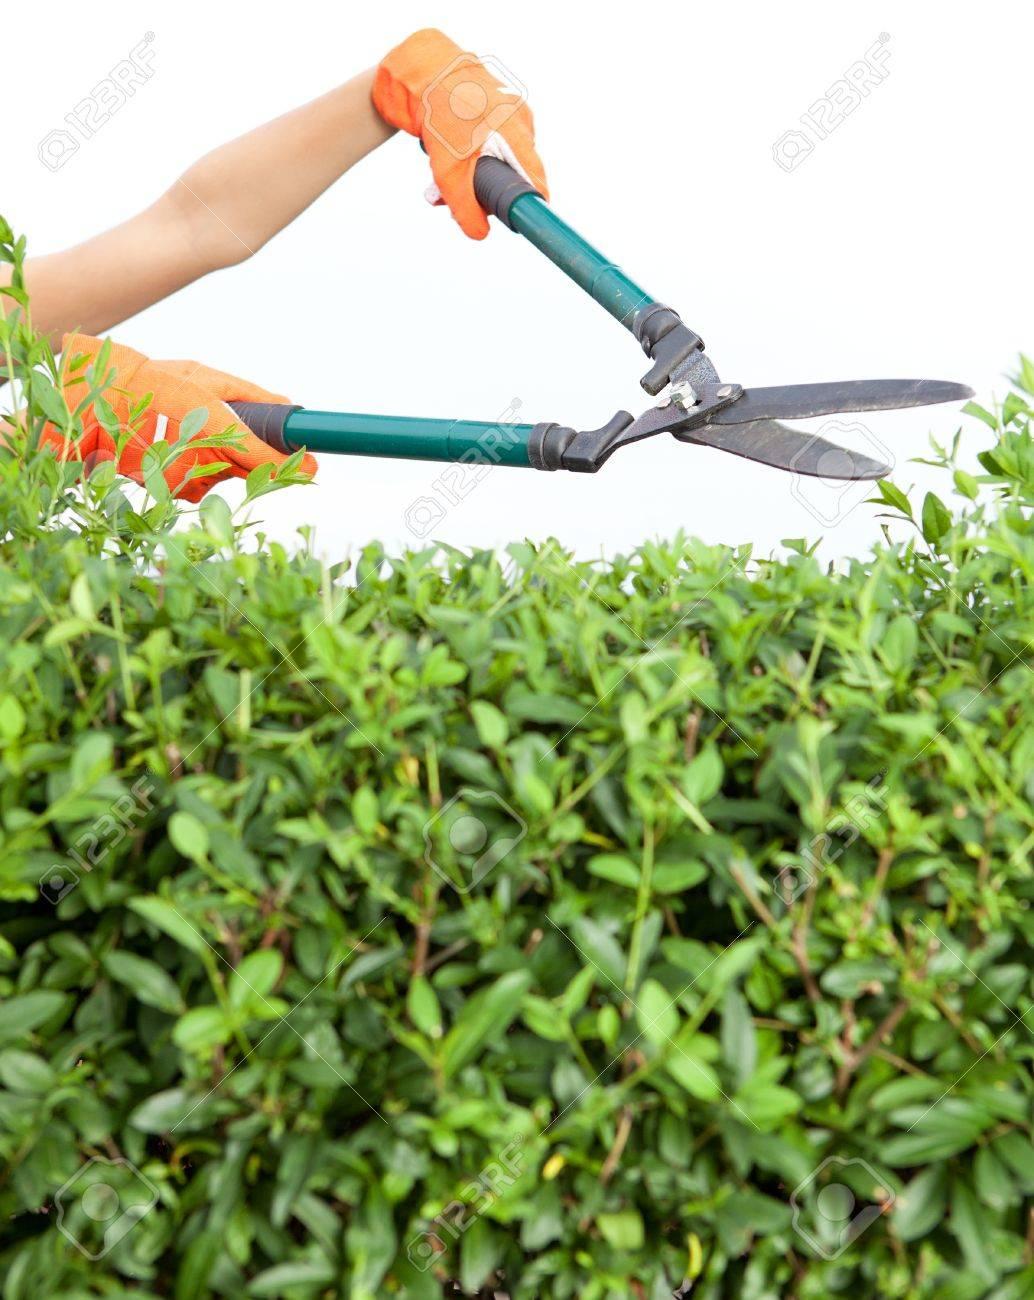 Hände Mit Gartenschere Schneiden Einer Hecke Im Garten Lizenzfreie